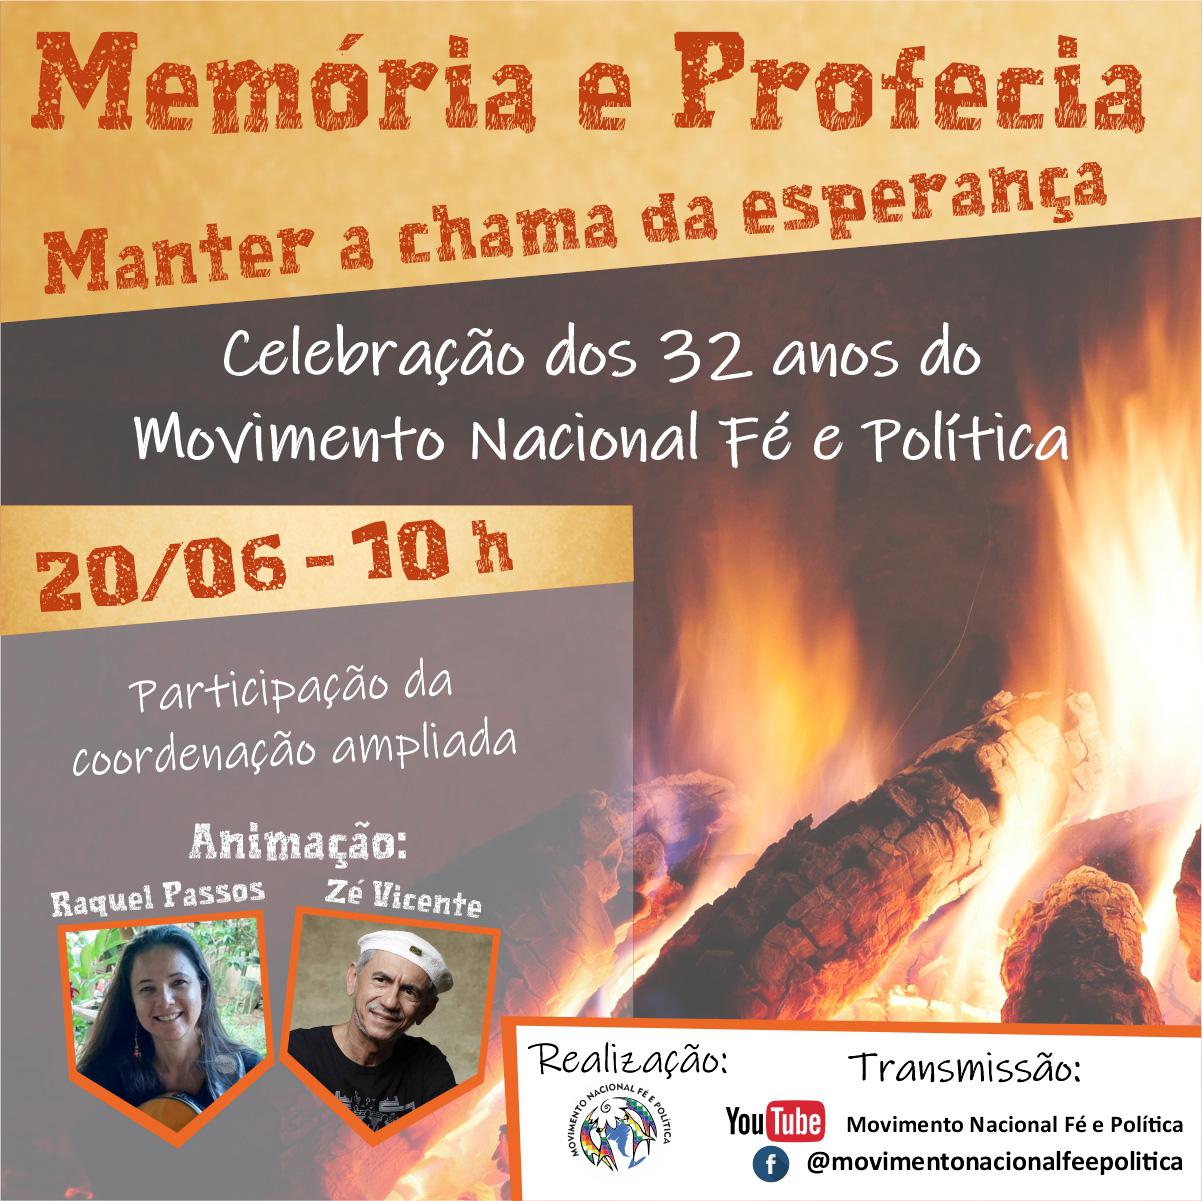 Celebração on-line dia 20 de junho marcará os 32 anos de caminhada do Movimento Nacional Fé e Política